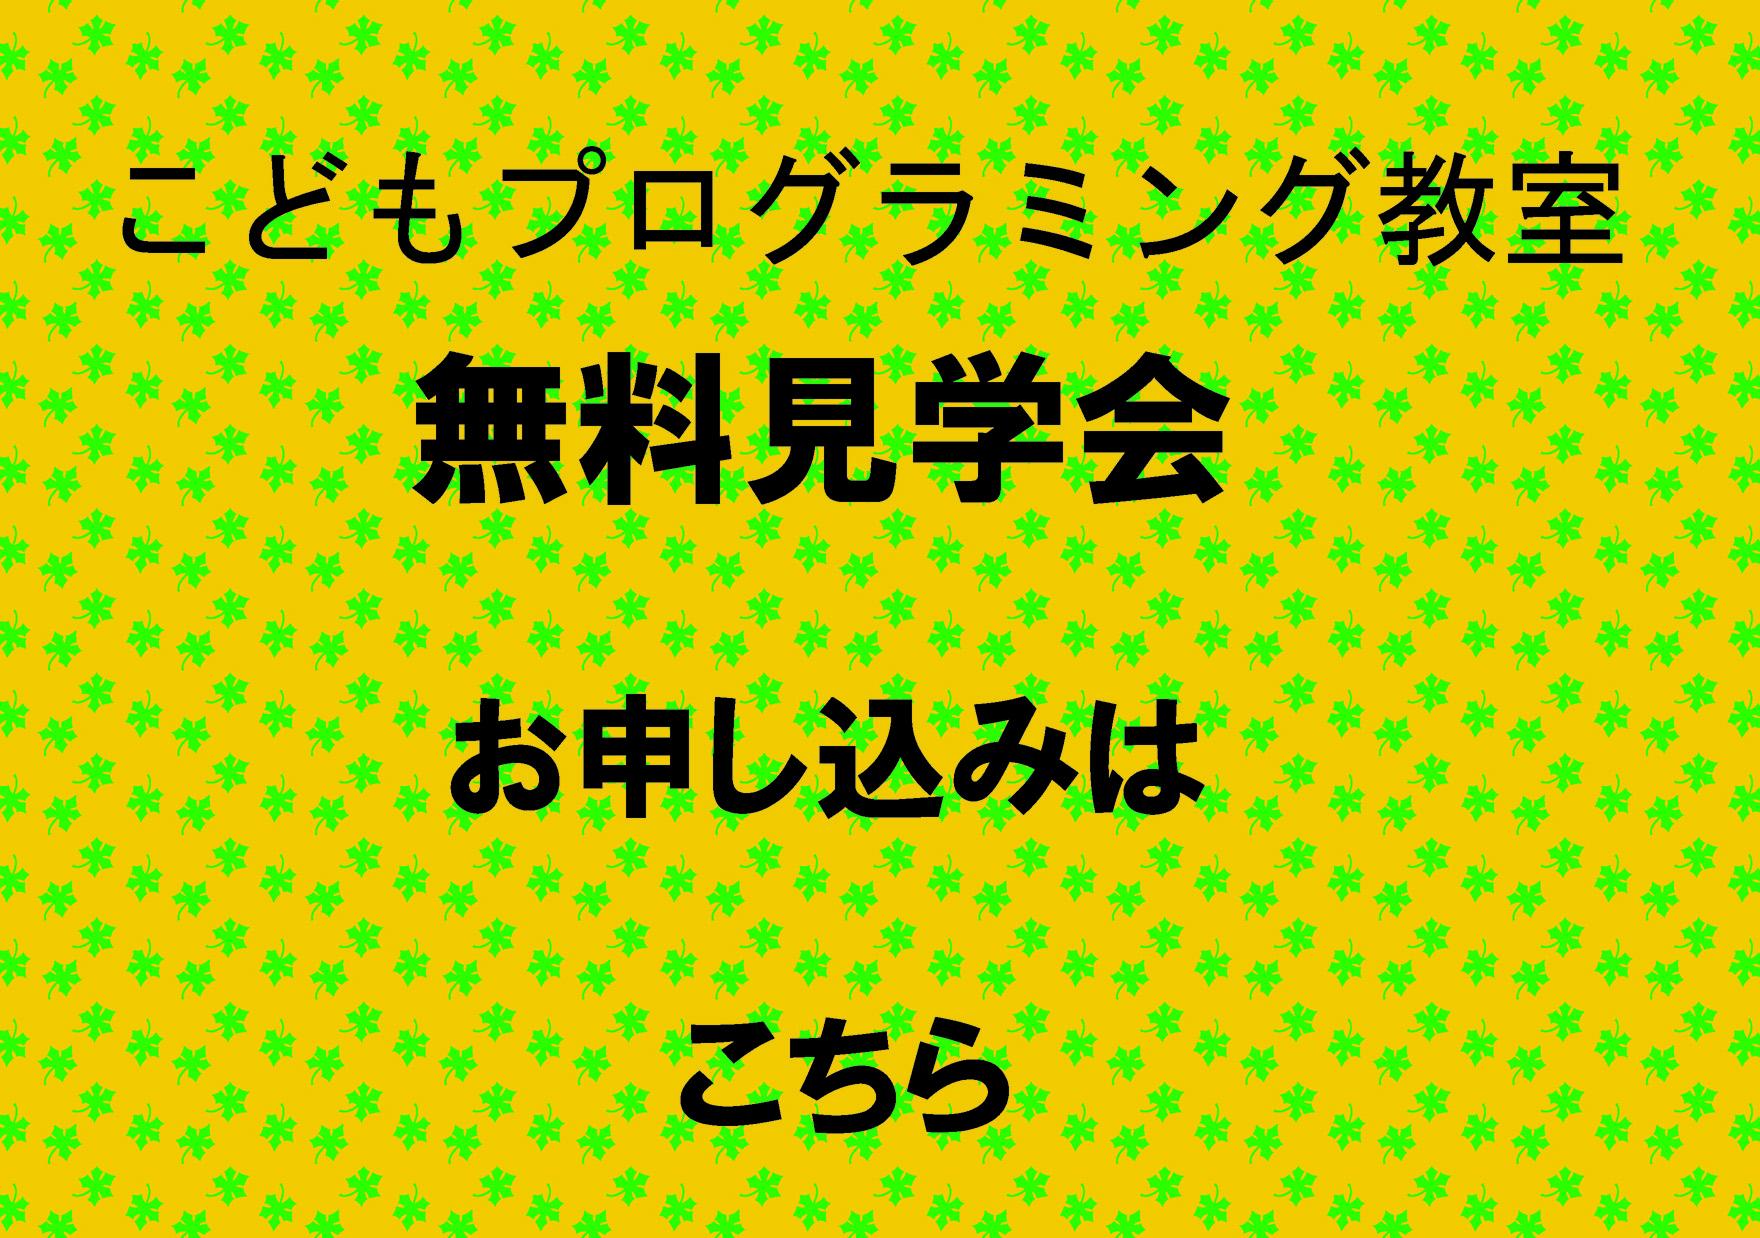 【三木校】無料見学会:こどもプログラミング教室